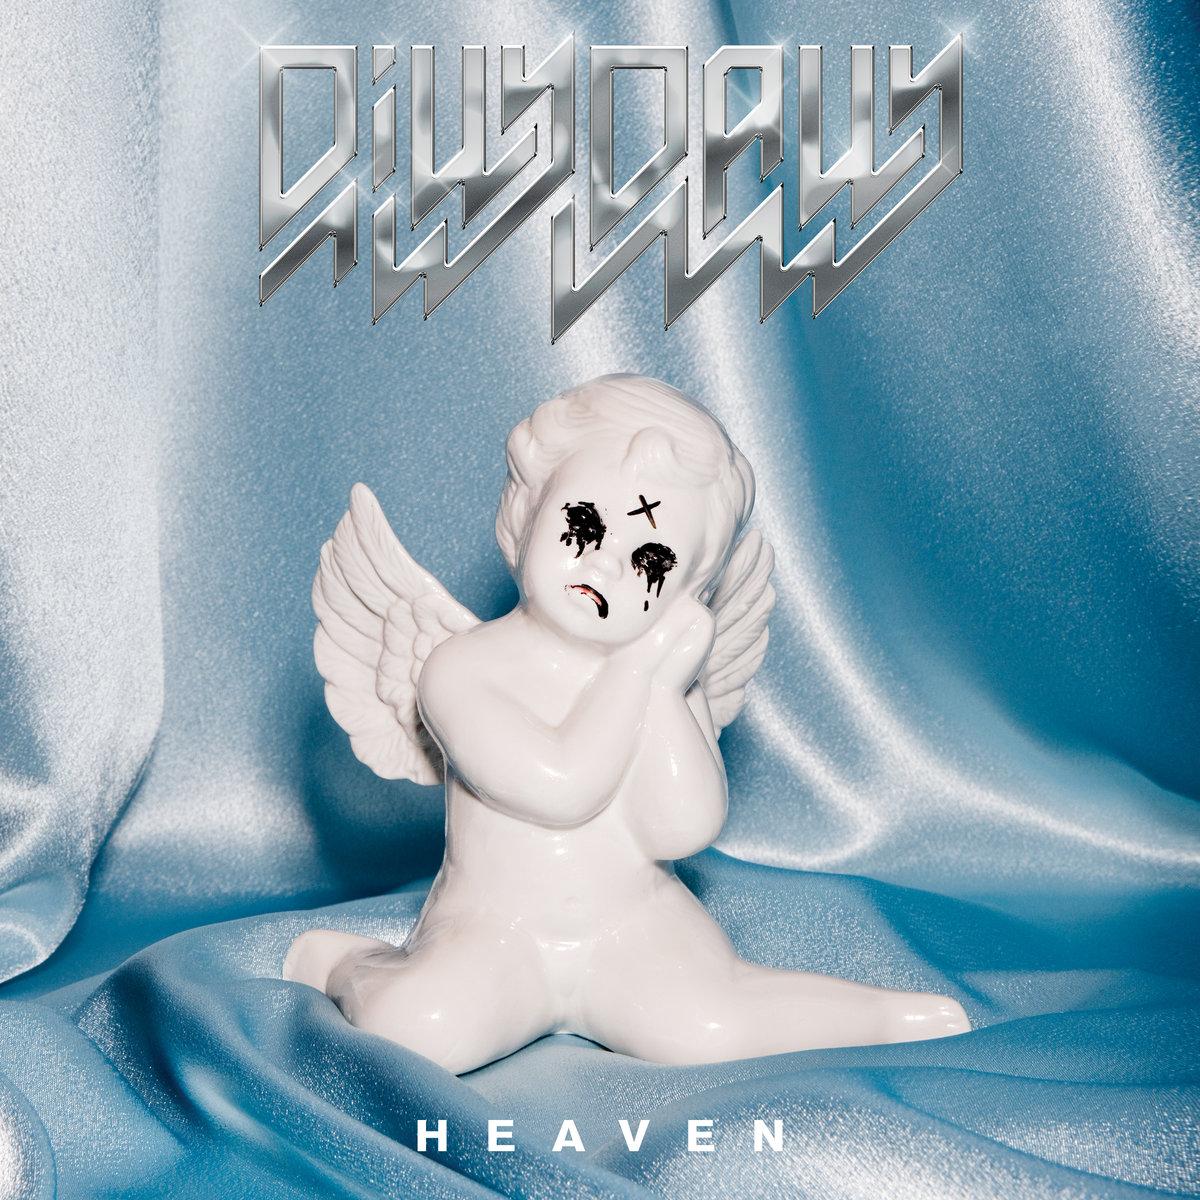 DILLY DALLY   Heaven, 2018, Rob Schnapf, 29:00